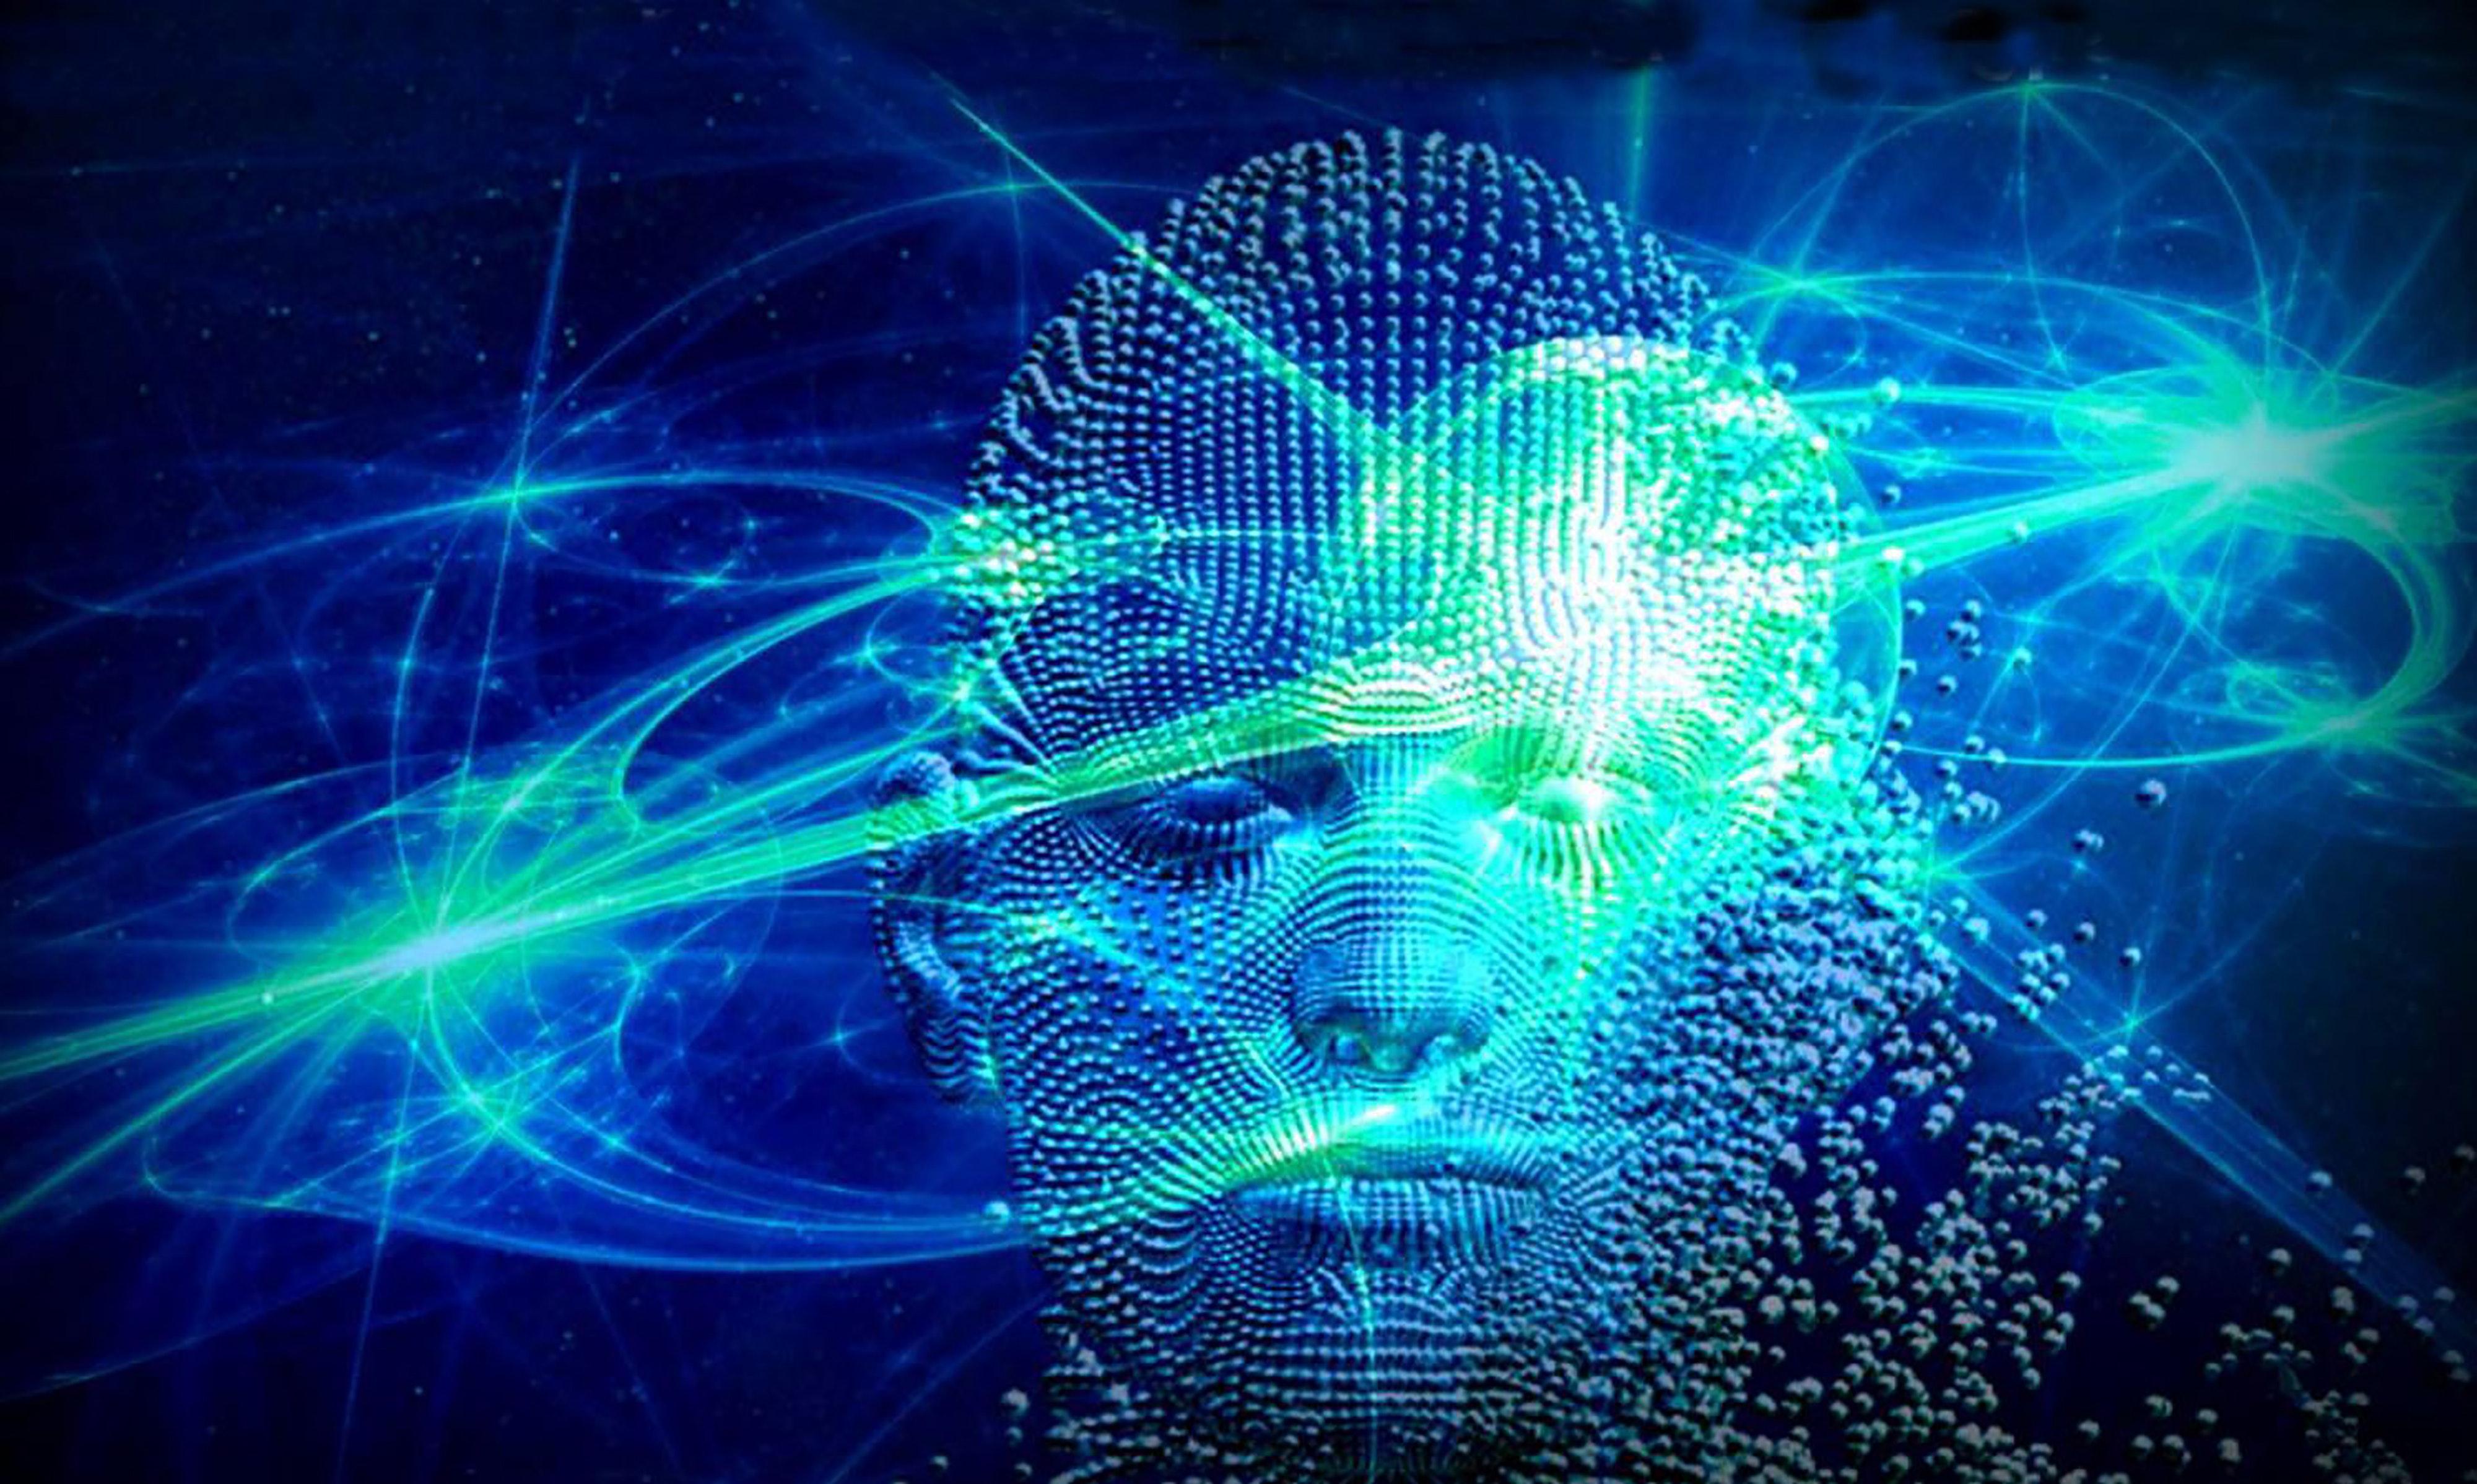 Biocentrismul, fizica cuantică şi călătoria sufletului în multivers, Cercetări ştiinţifice recente despre viaţa dincolo de moarte